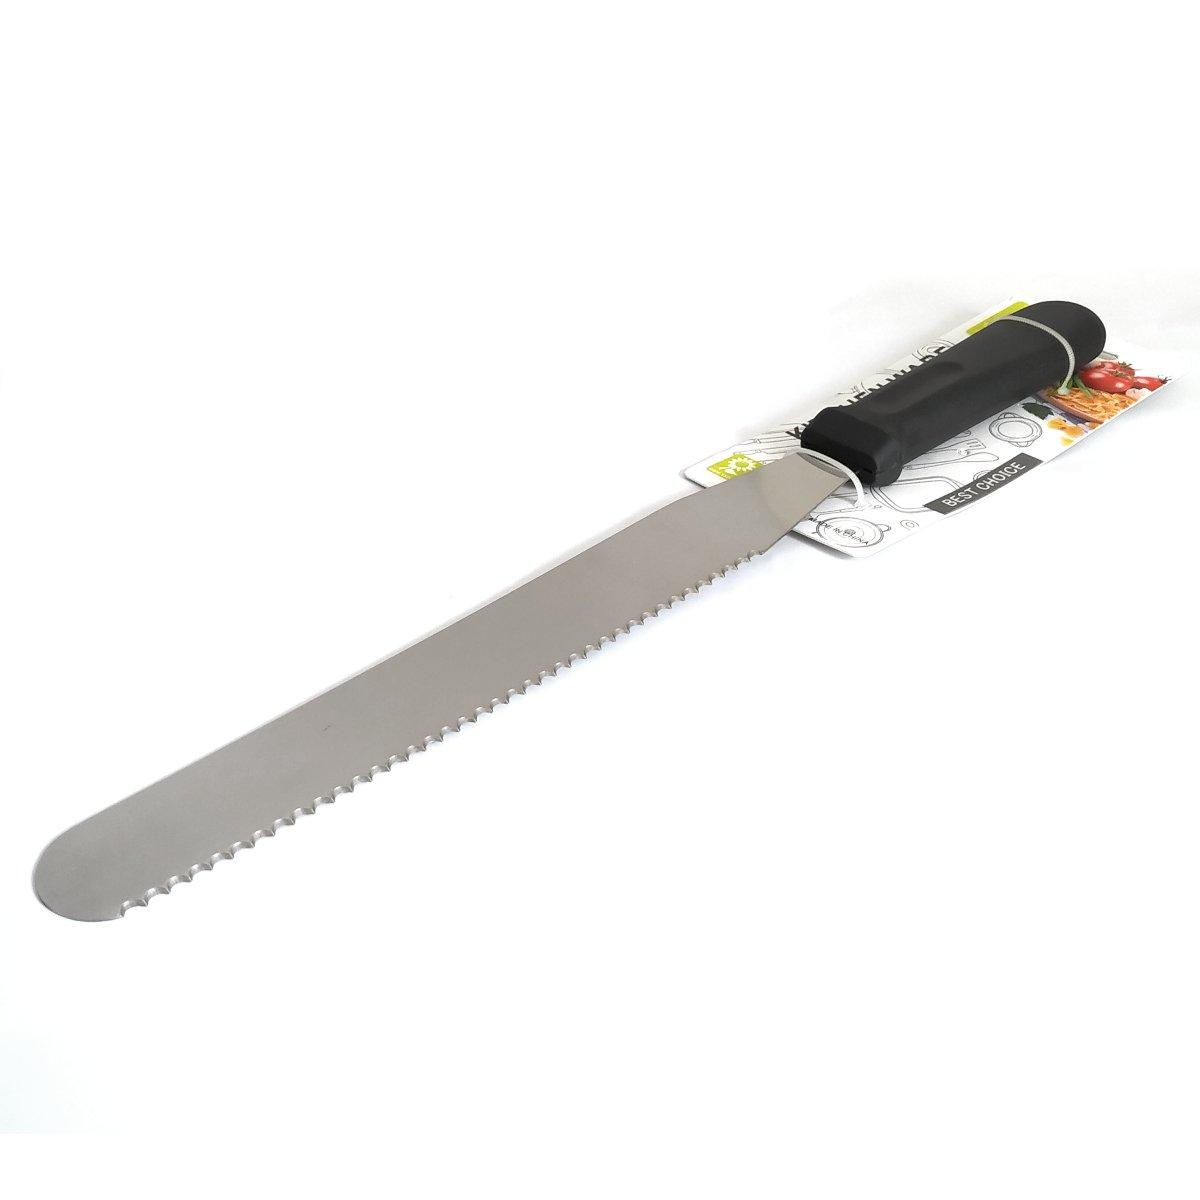 Μαχαίρι για παντεσπάνι 25 cm